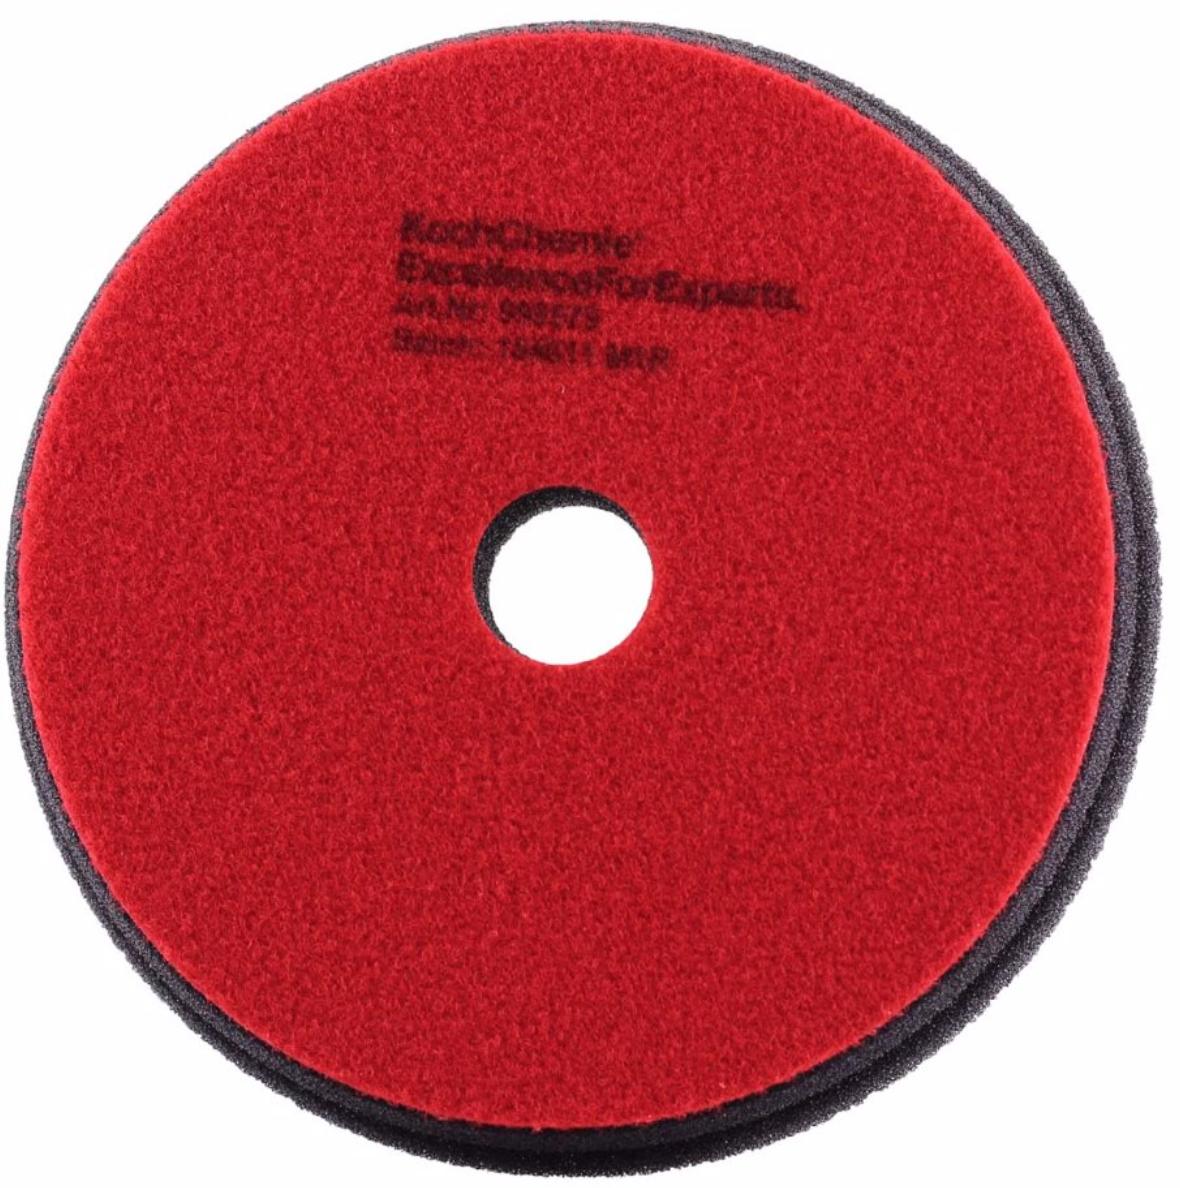 Твердый полировальный круг Heavy Cut Pad (Ø 150мм)